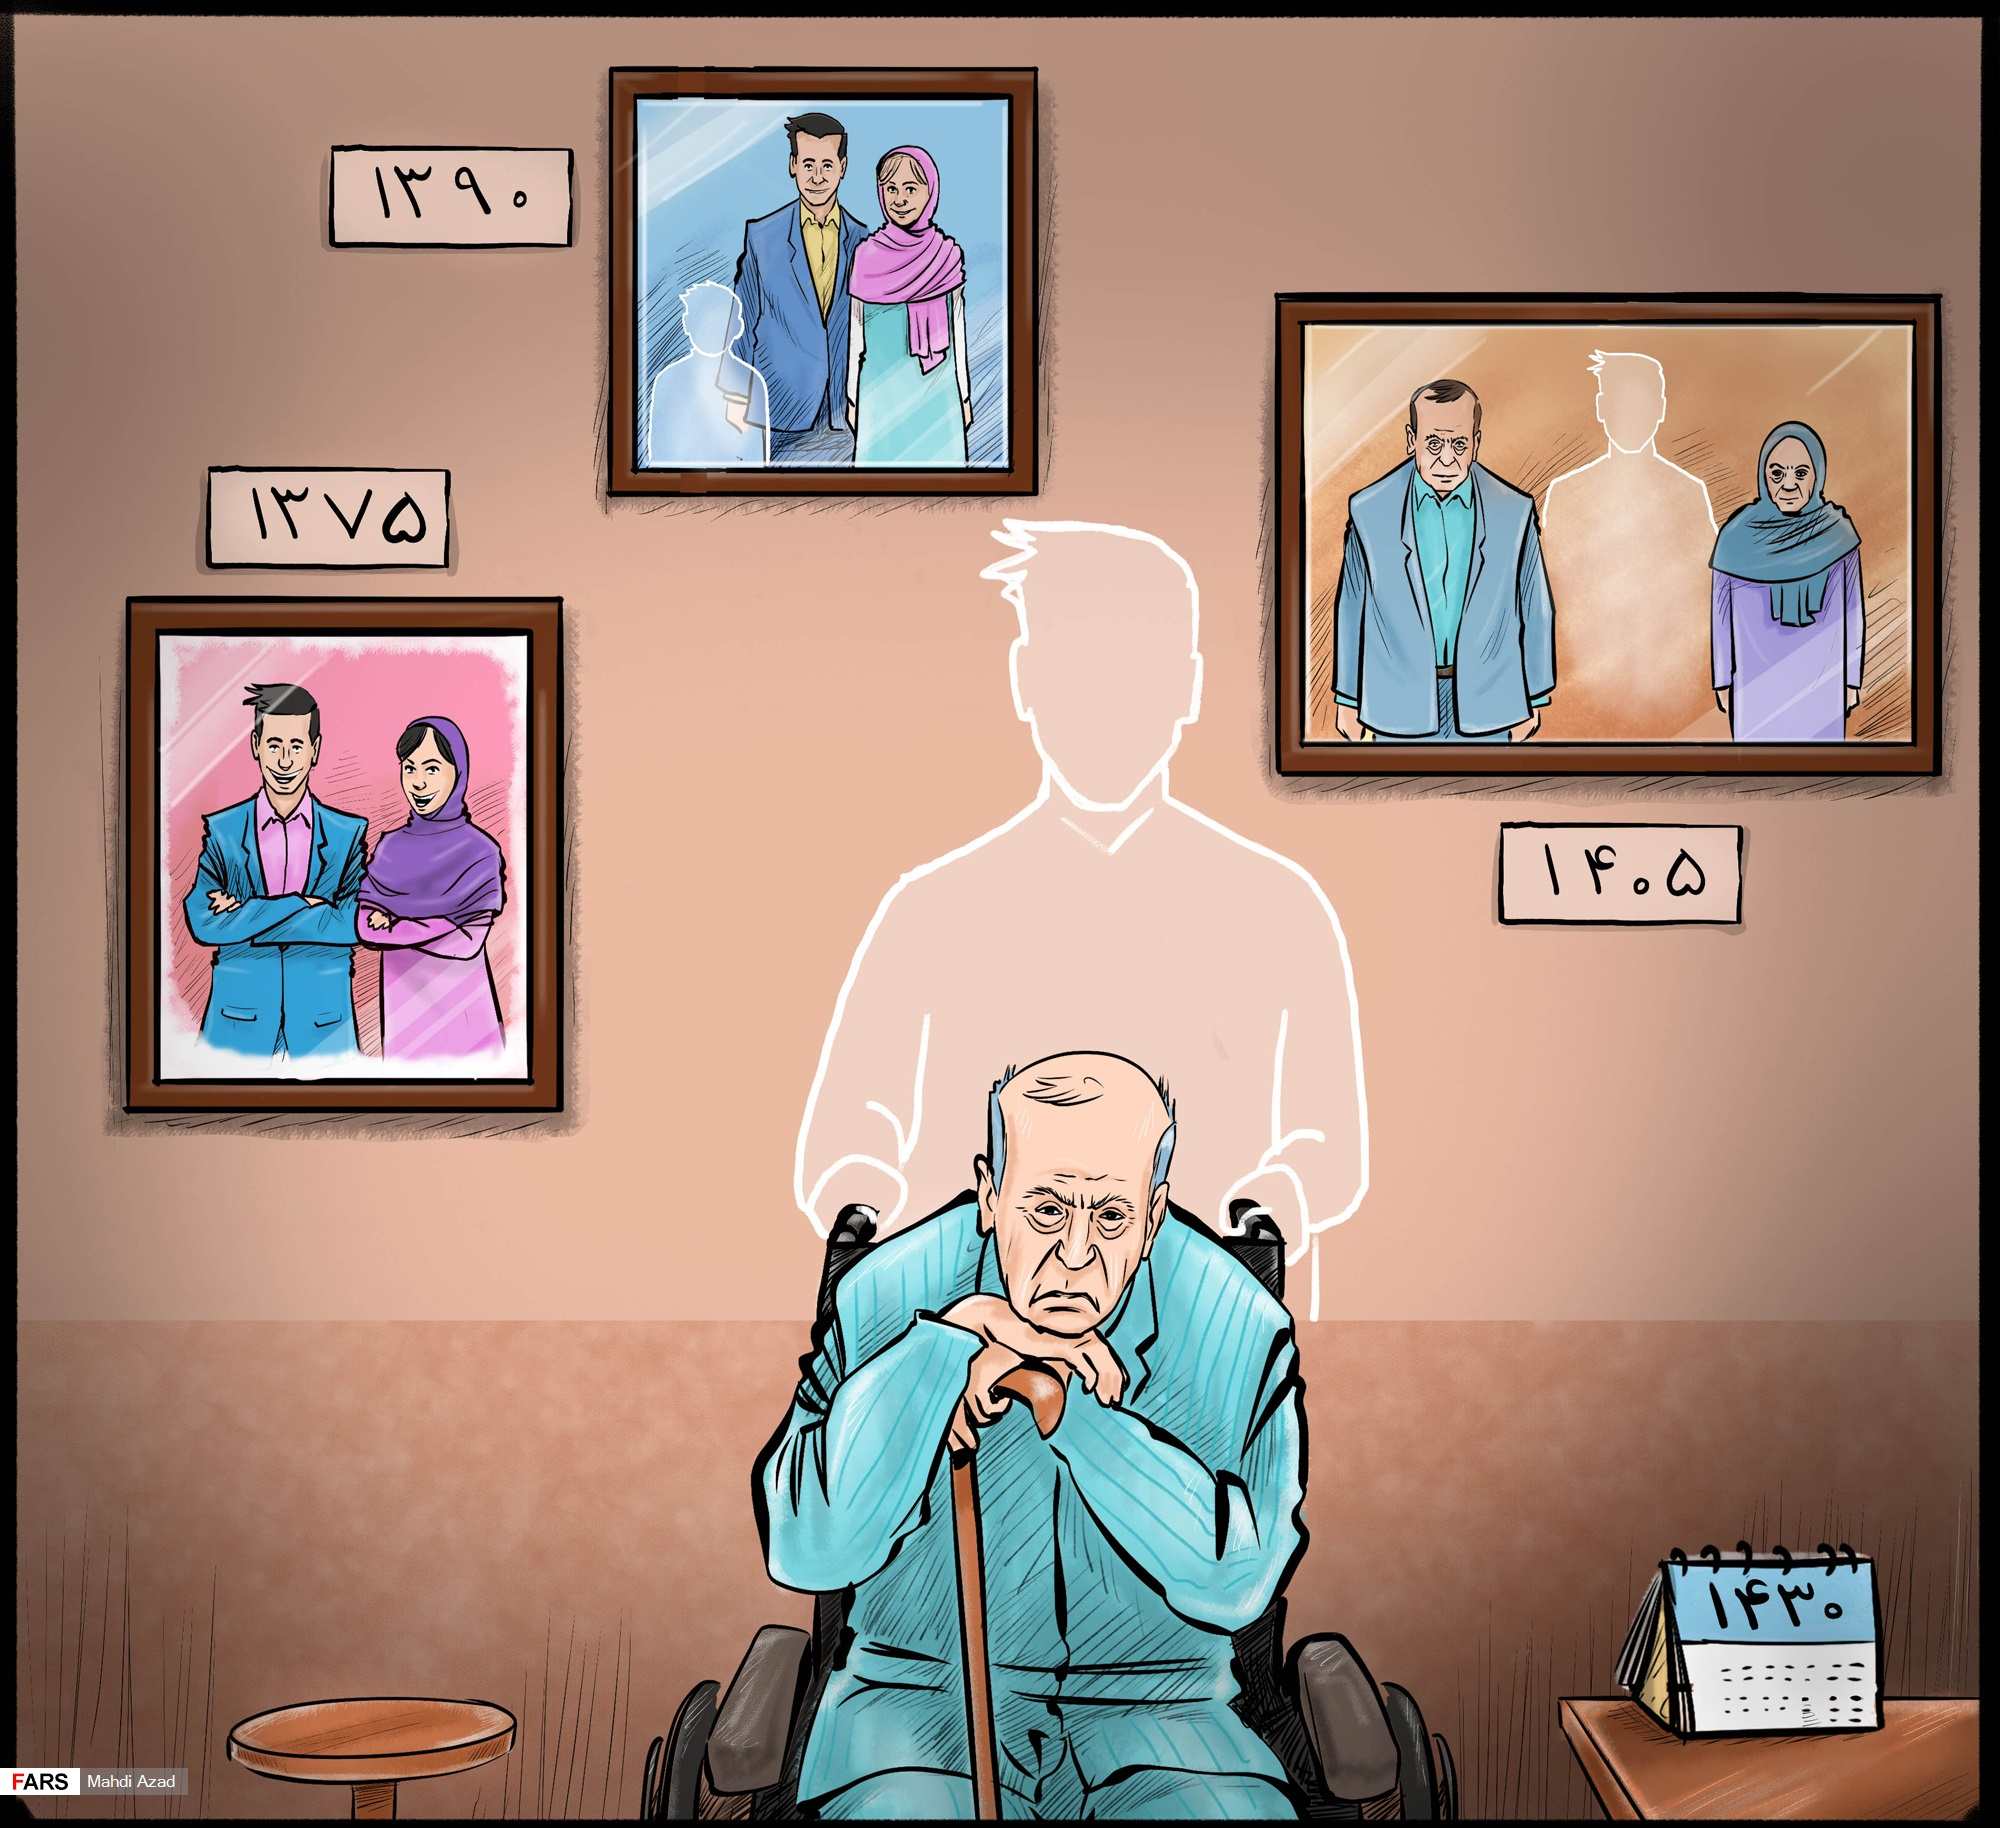 کارتون/ هان ای پسر بکوش که روزی پدری شوی